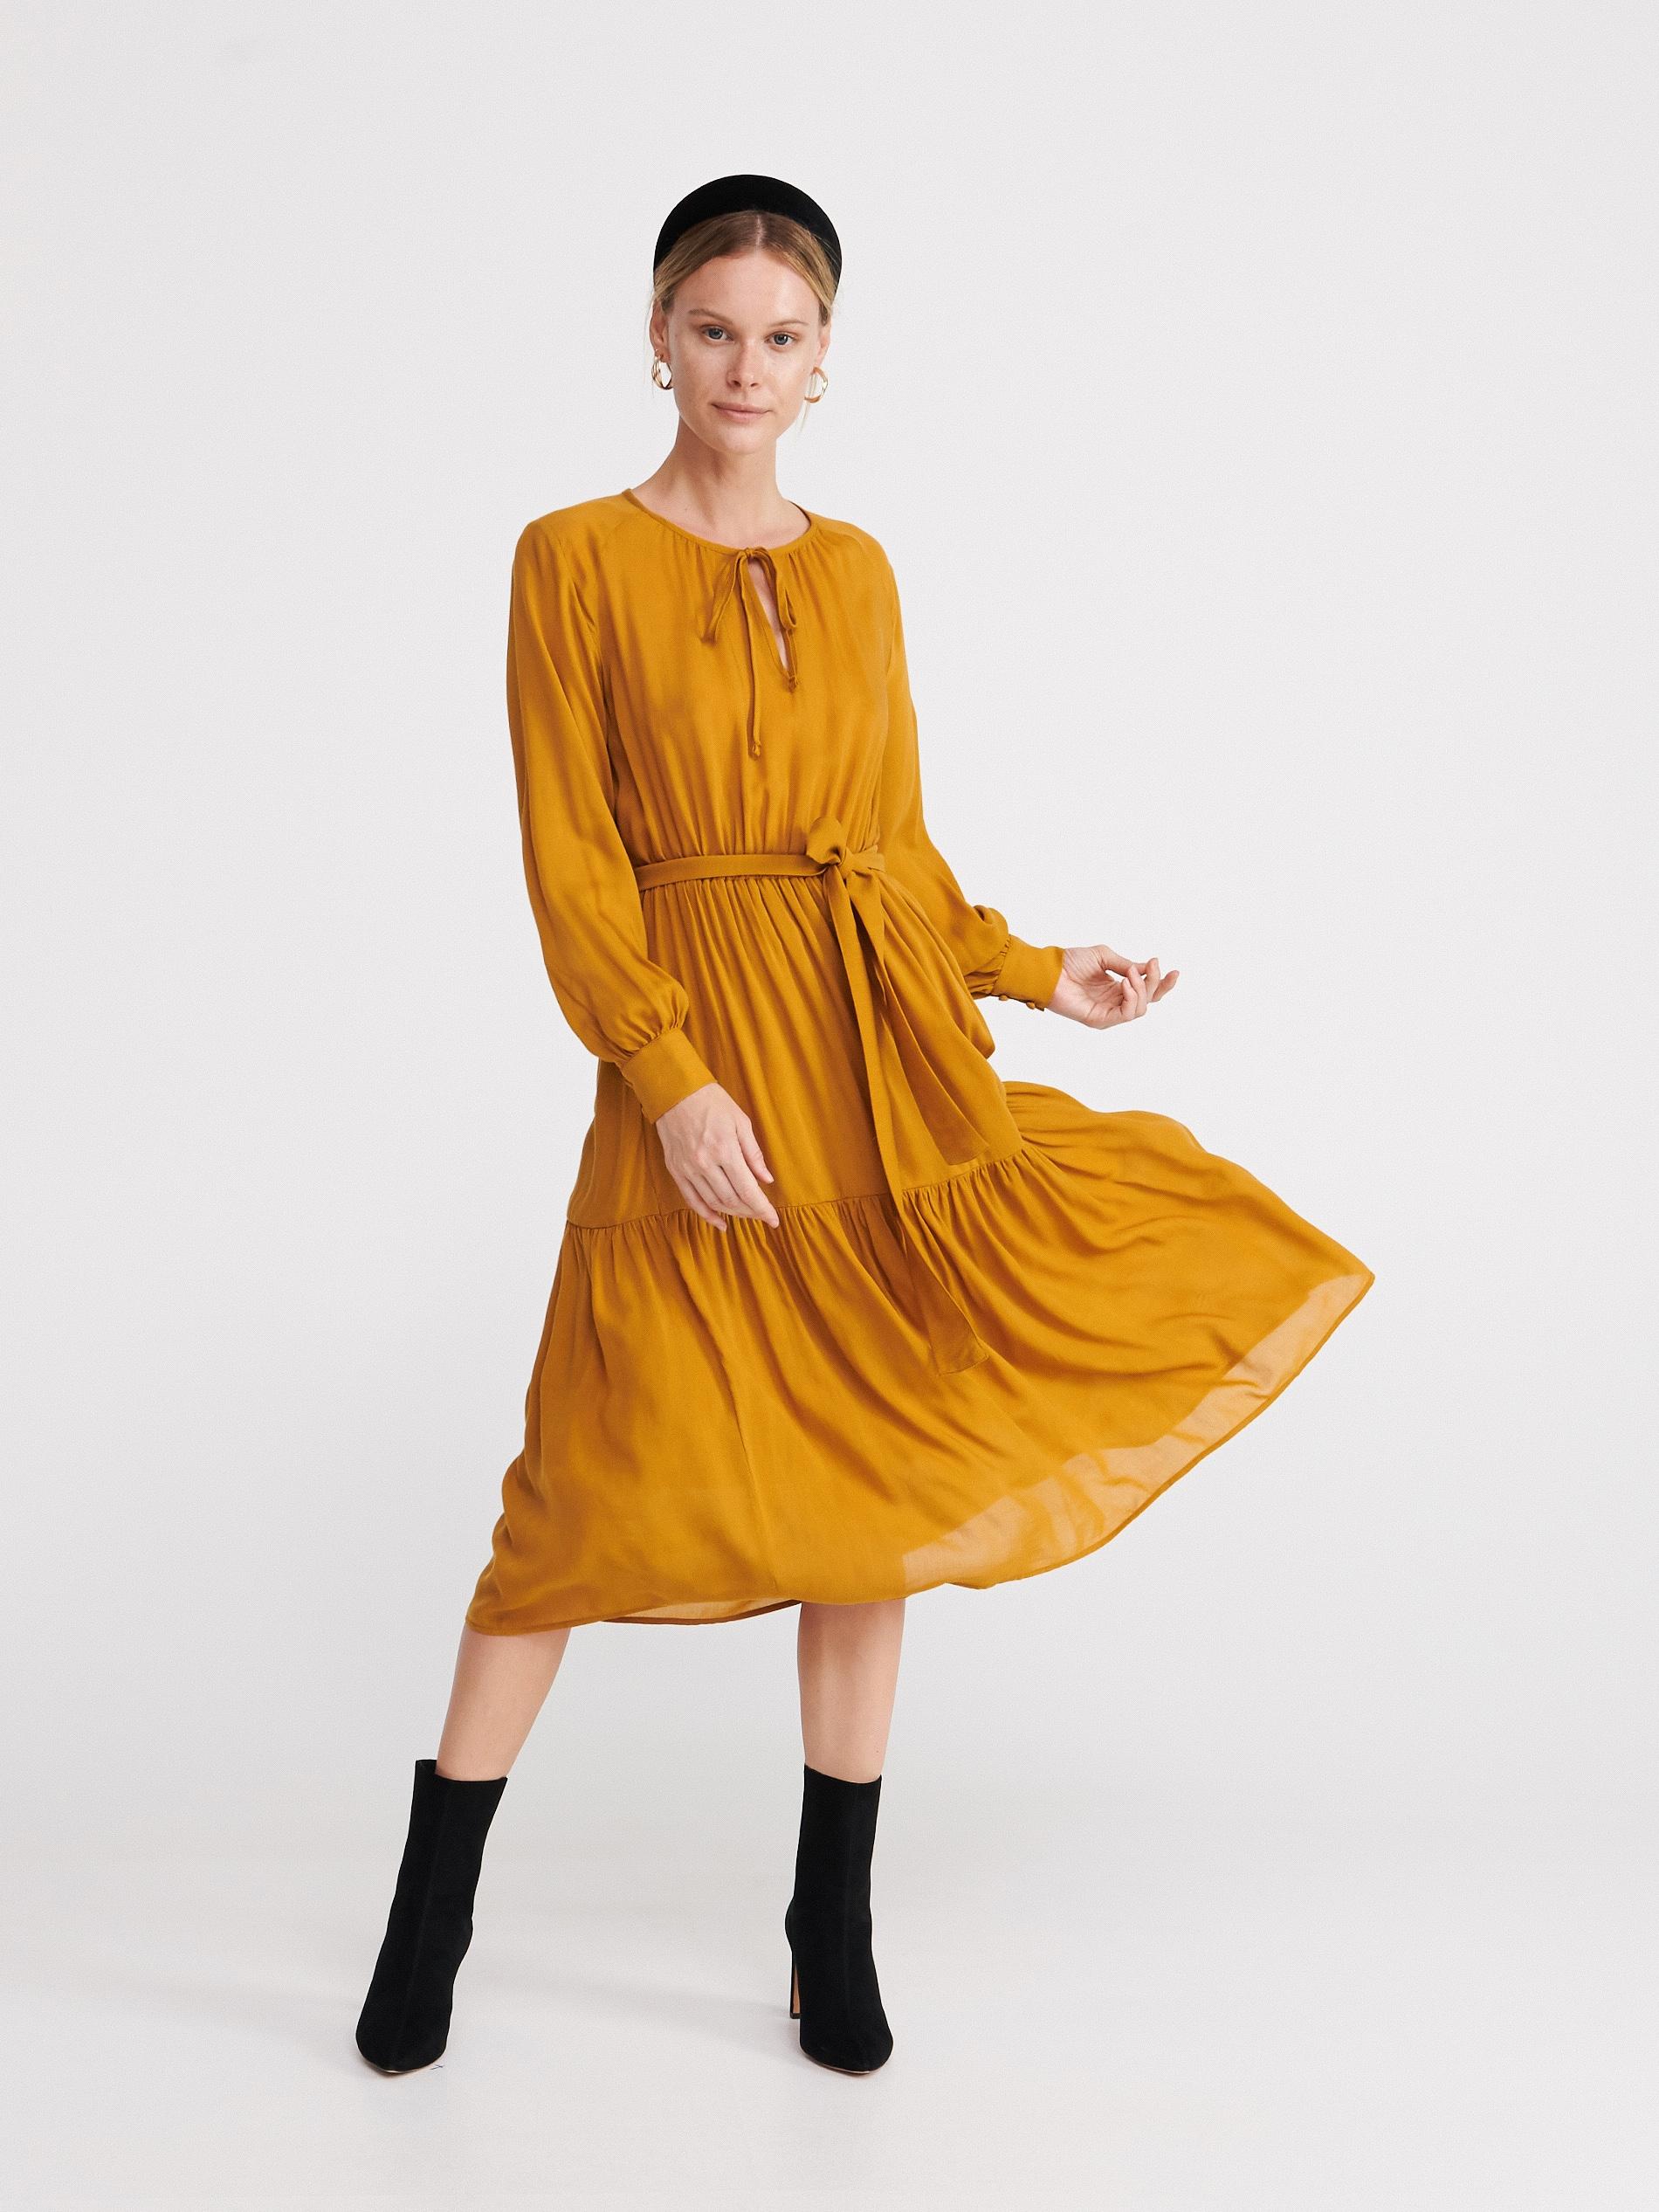 Musztardowa sukienka - żółty - XR782-18X - RESERVED - 1